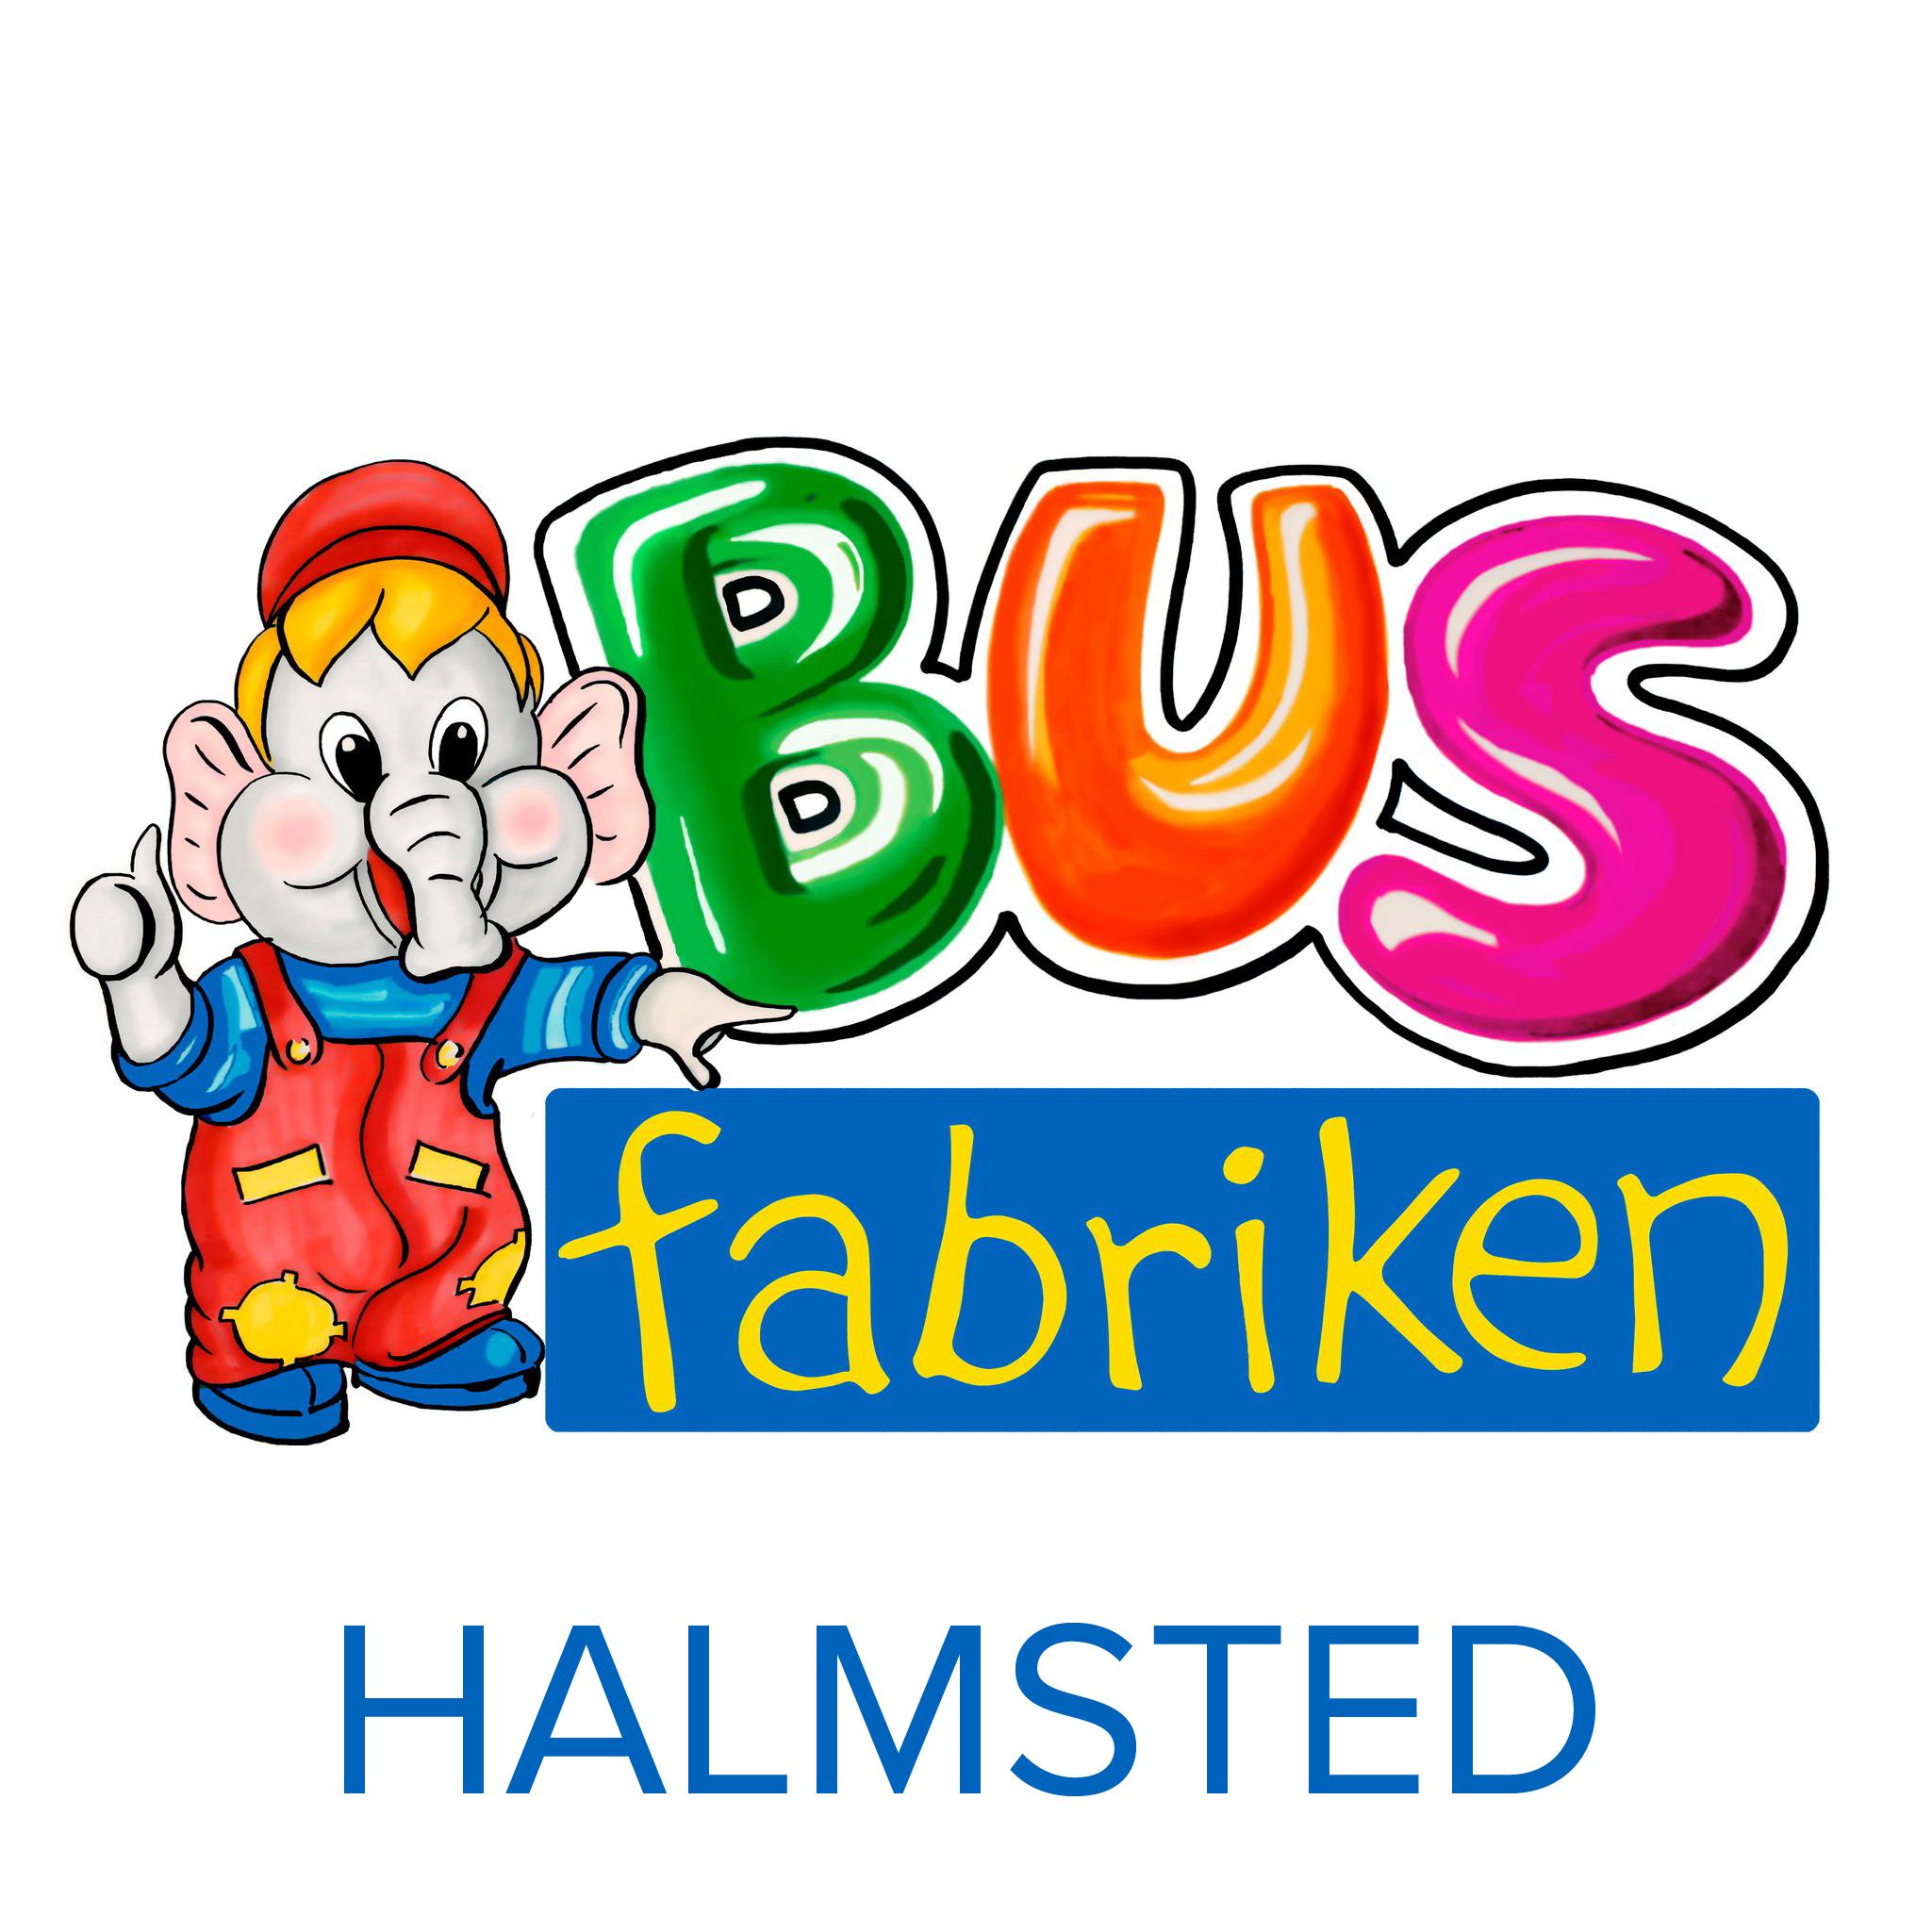 BUS fABRIKEN - HALMSTED